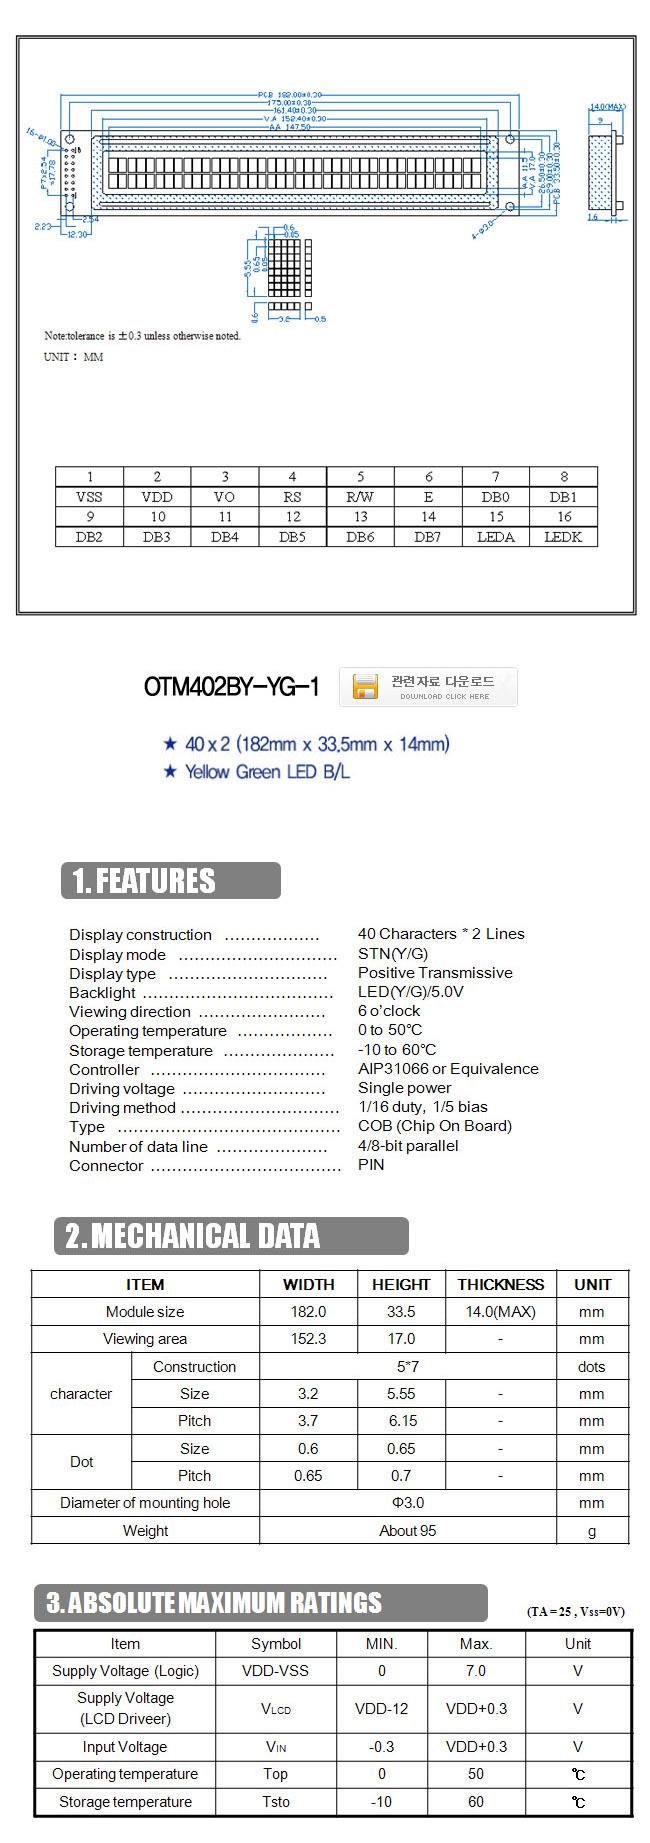 OTM402BY-YG-1.jpg